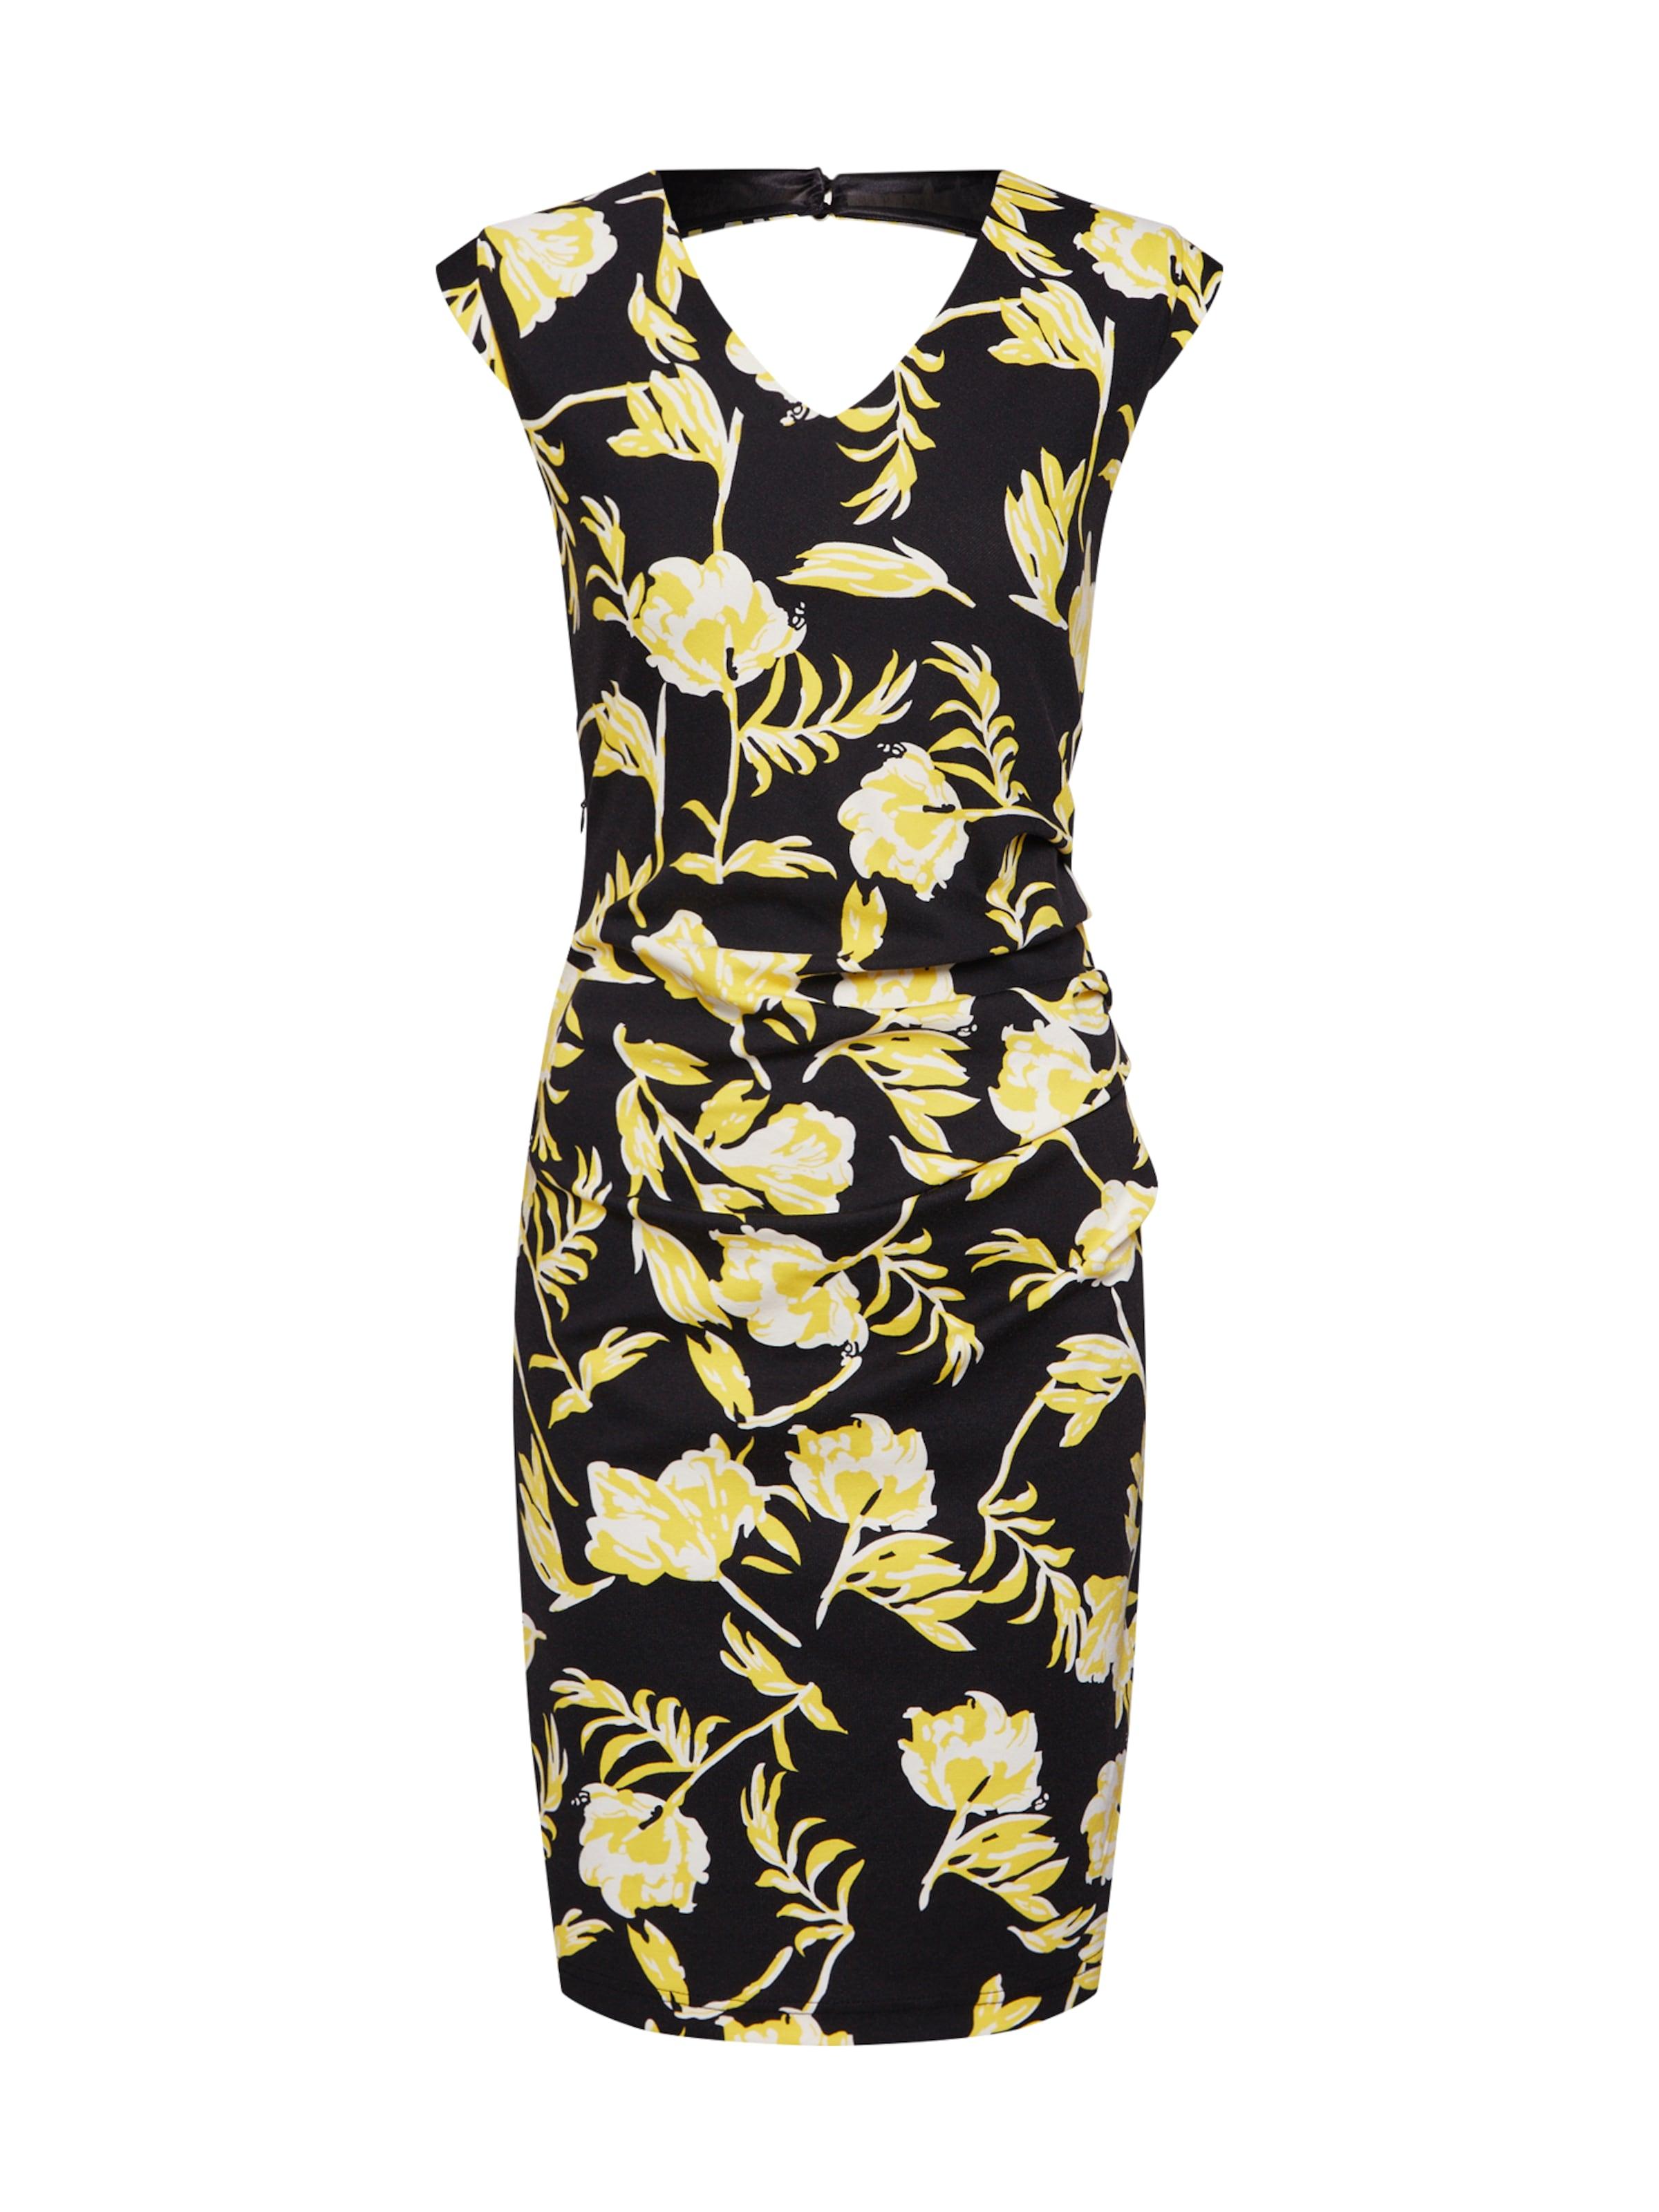 Kleid 'molly' Kleid In Kaffe Schwarz Kaffe Kleid In Kaffe Schwarz 'molly' edxBrCoW